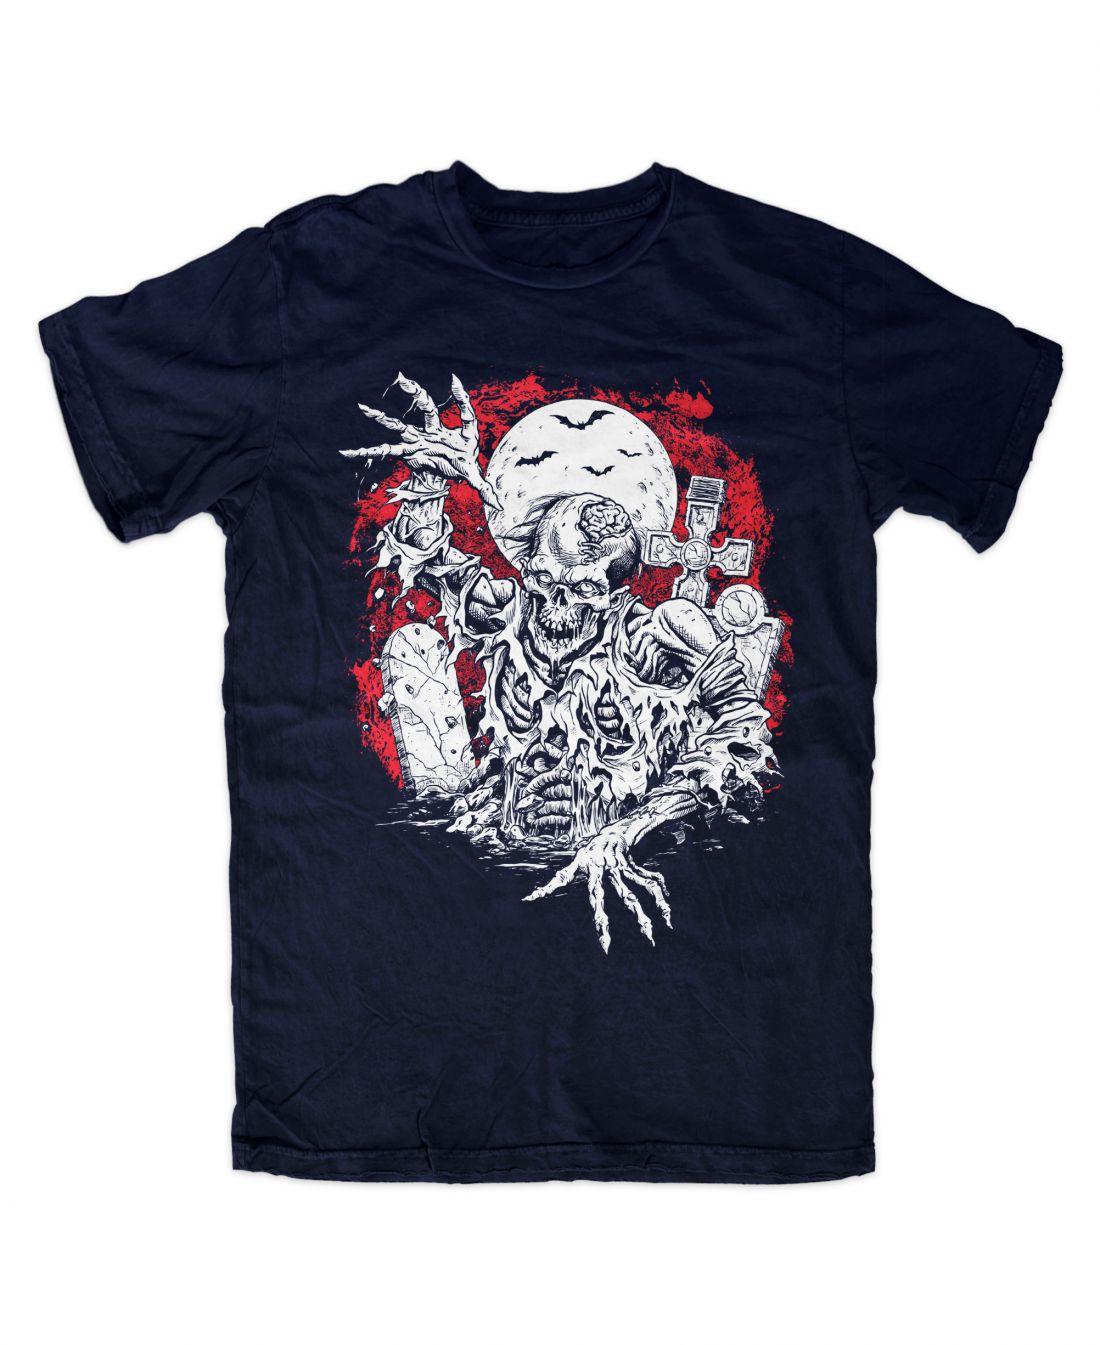 Rising Zombie (navy blue póló)